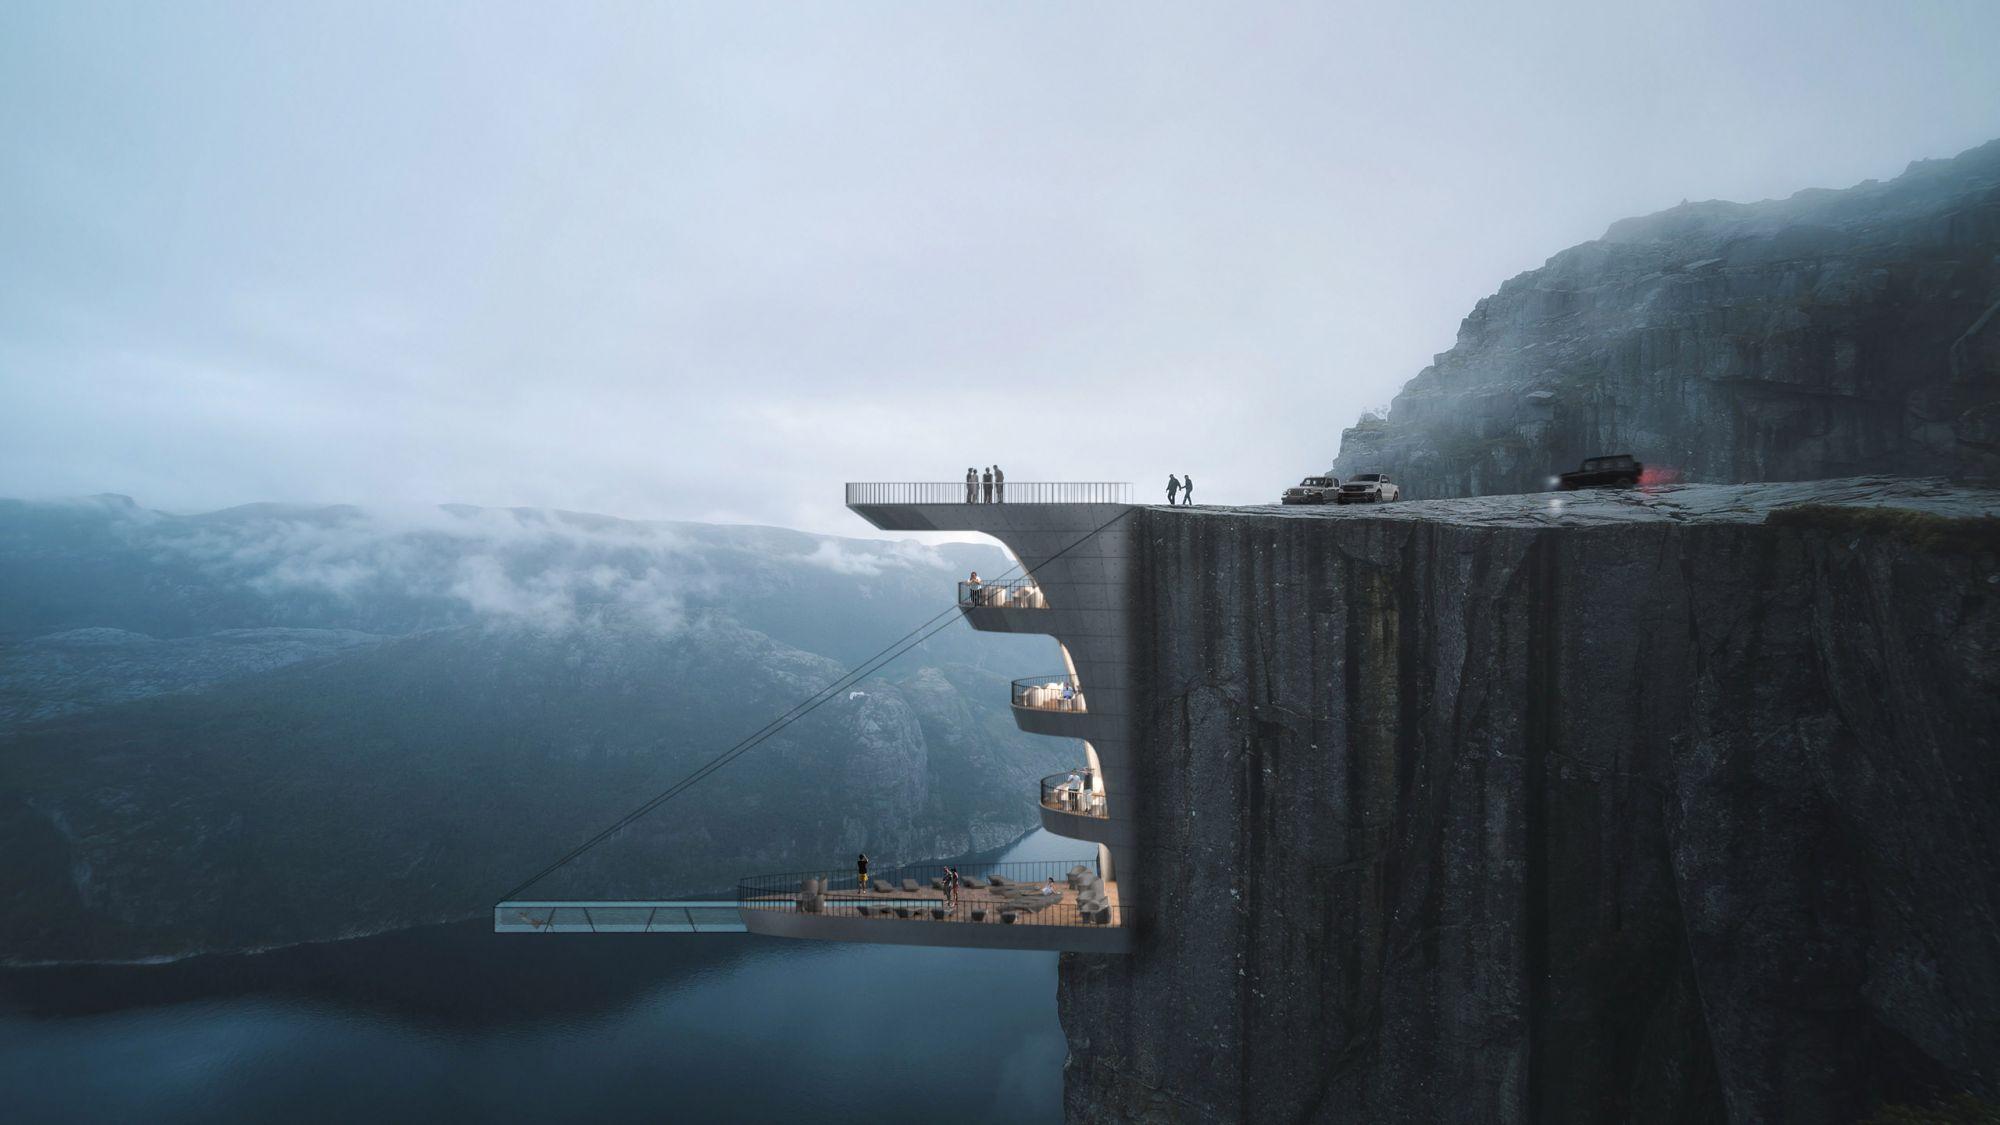 鑲嵌懸崖上的精品酒店!漂浮於峽灣的透明游泳池,360度無死角環看美景